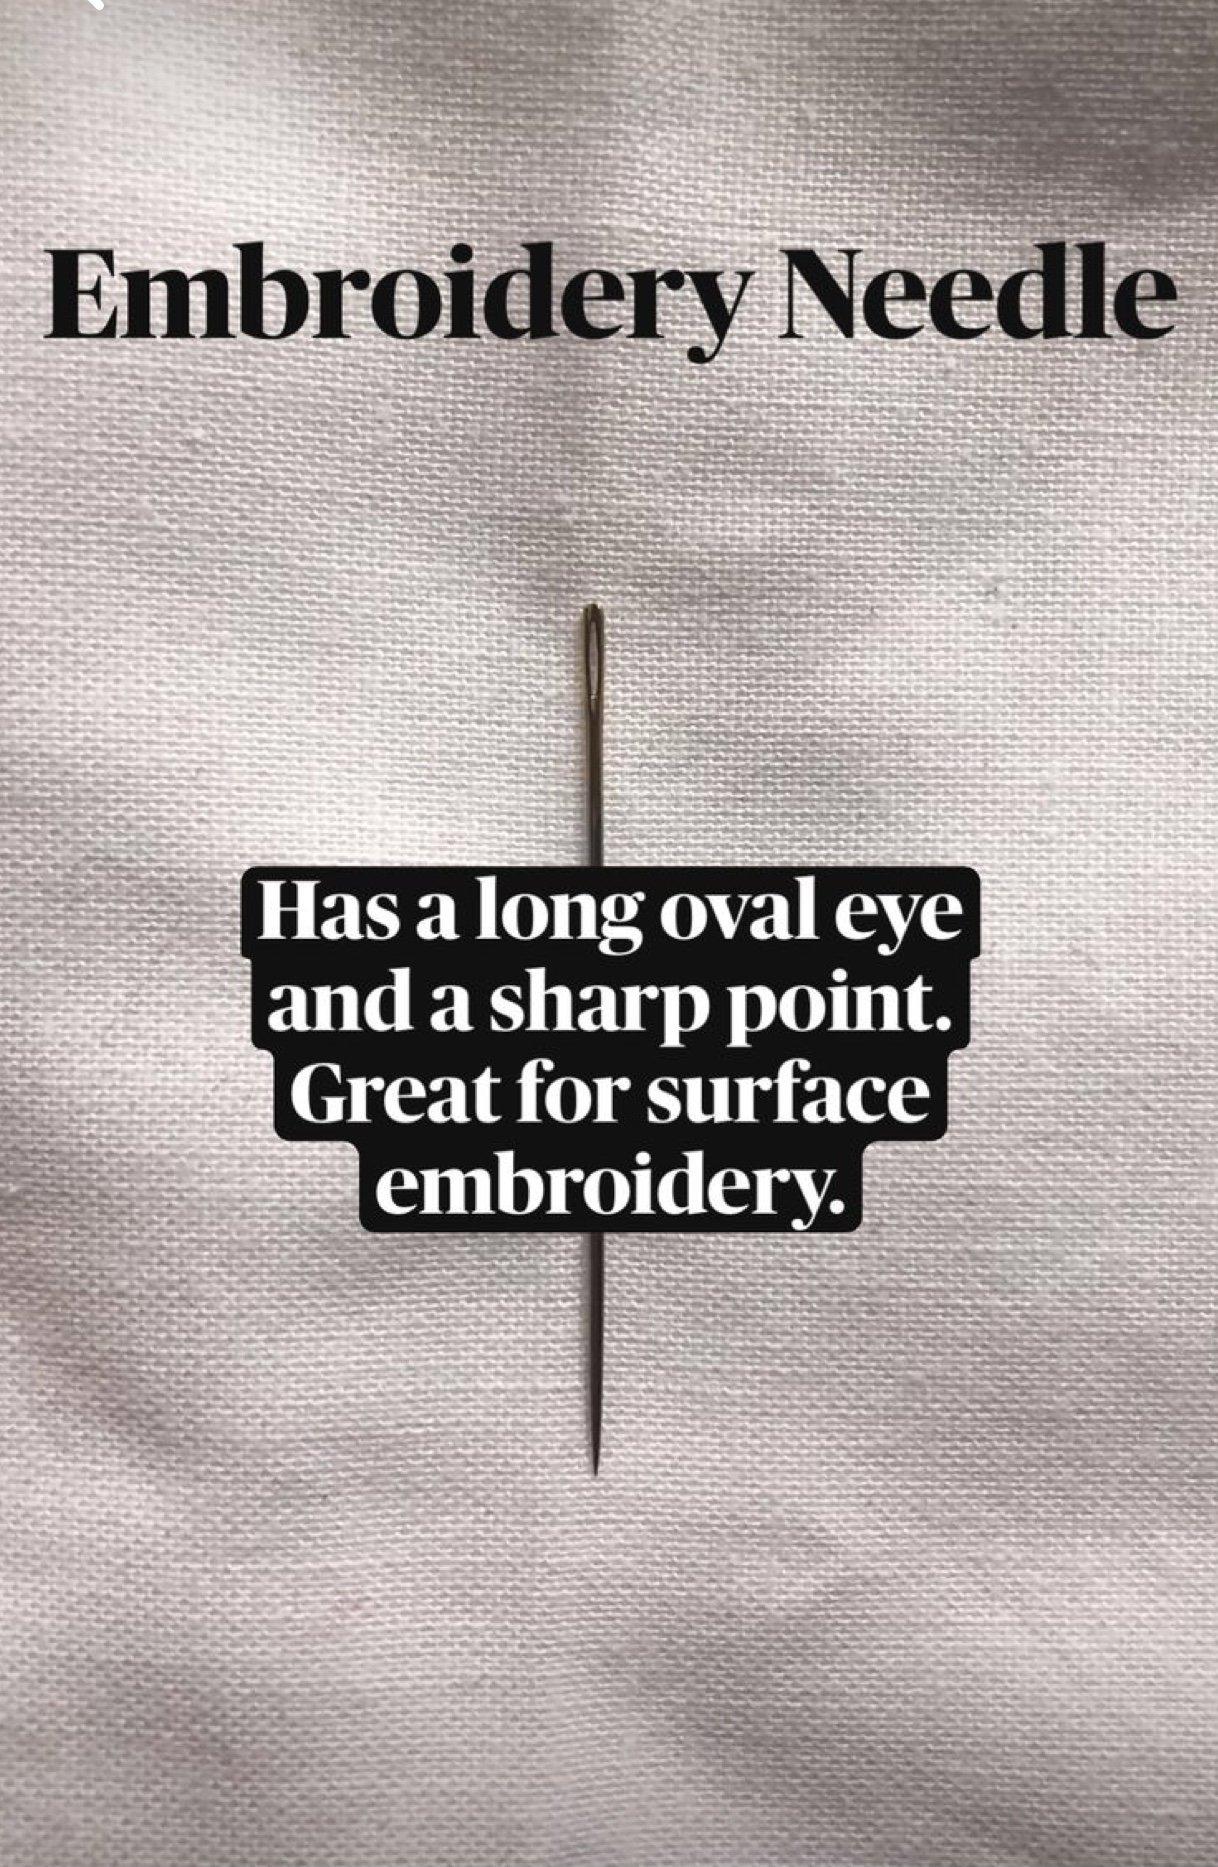 embroidery needle